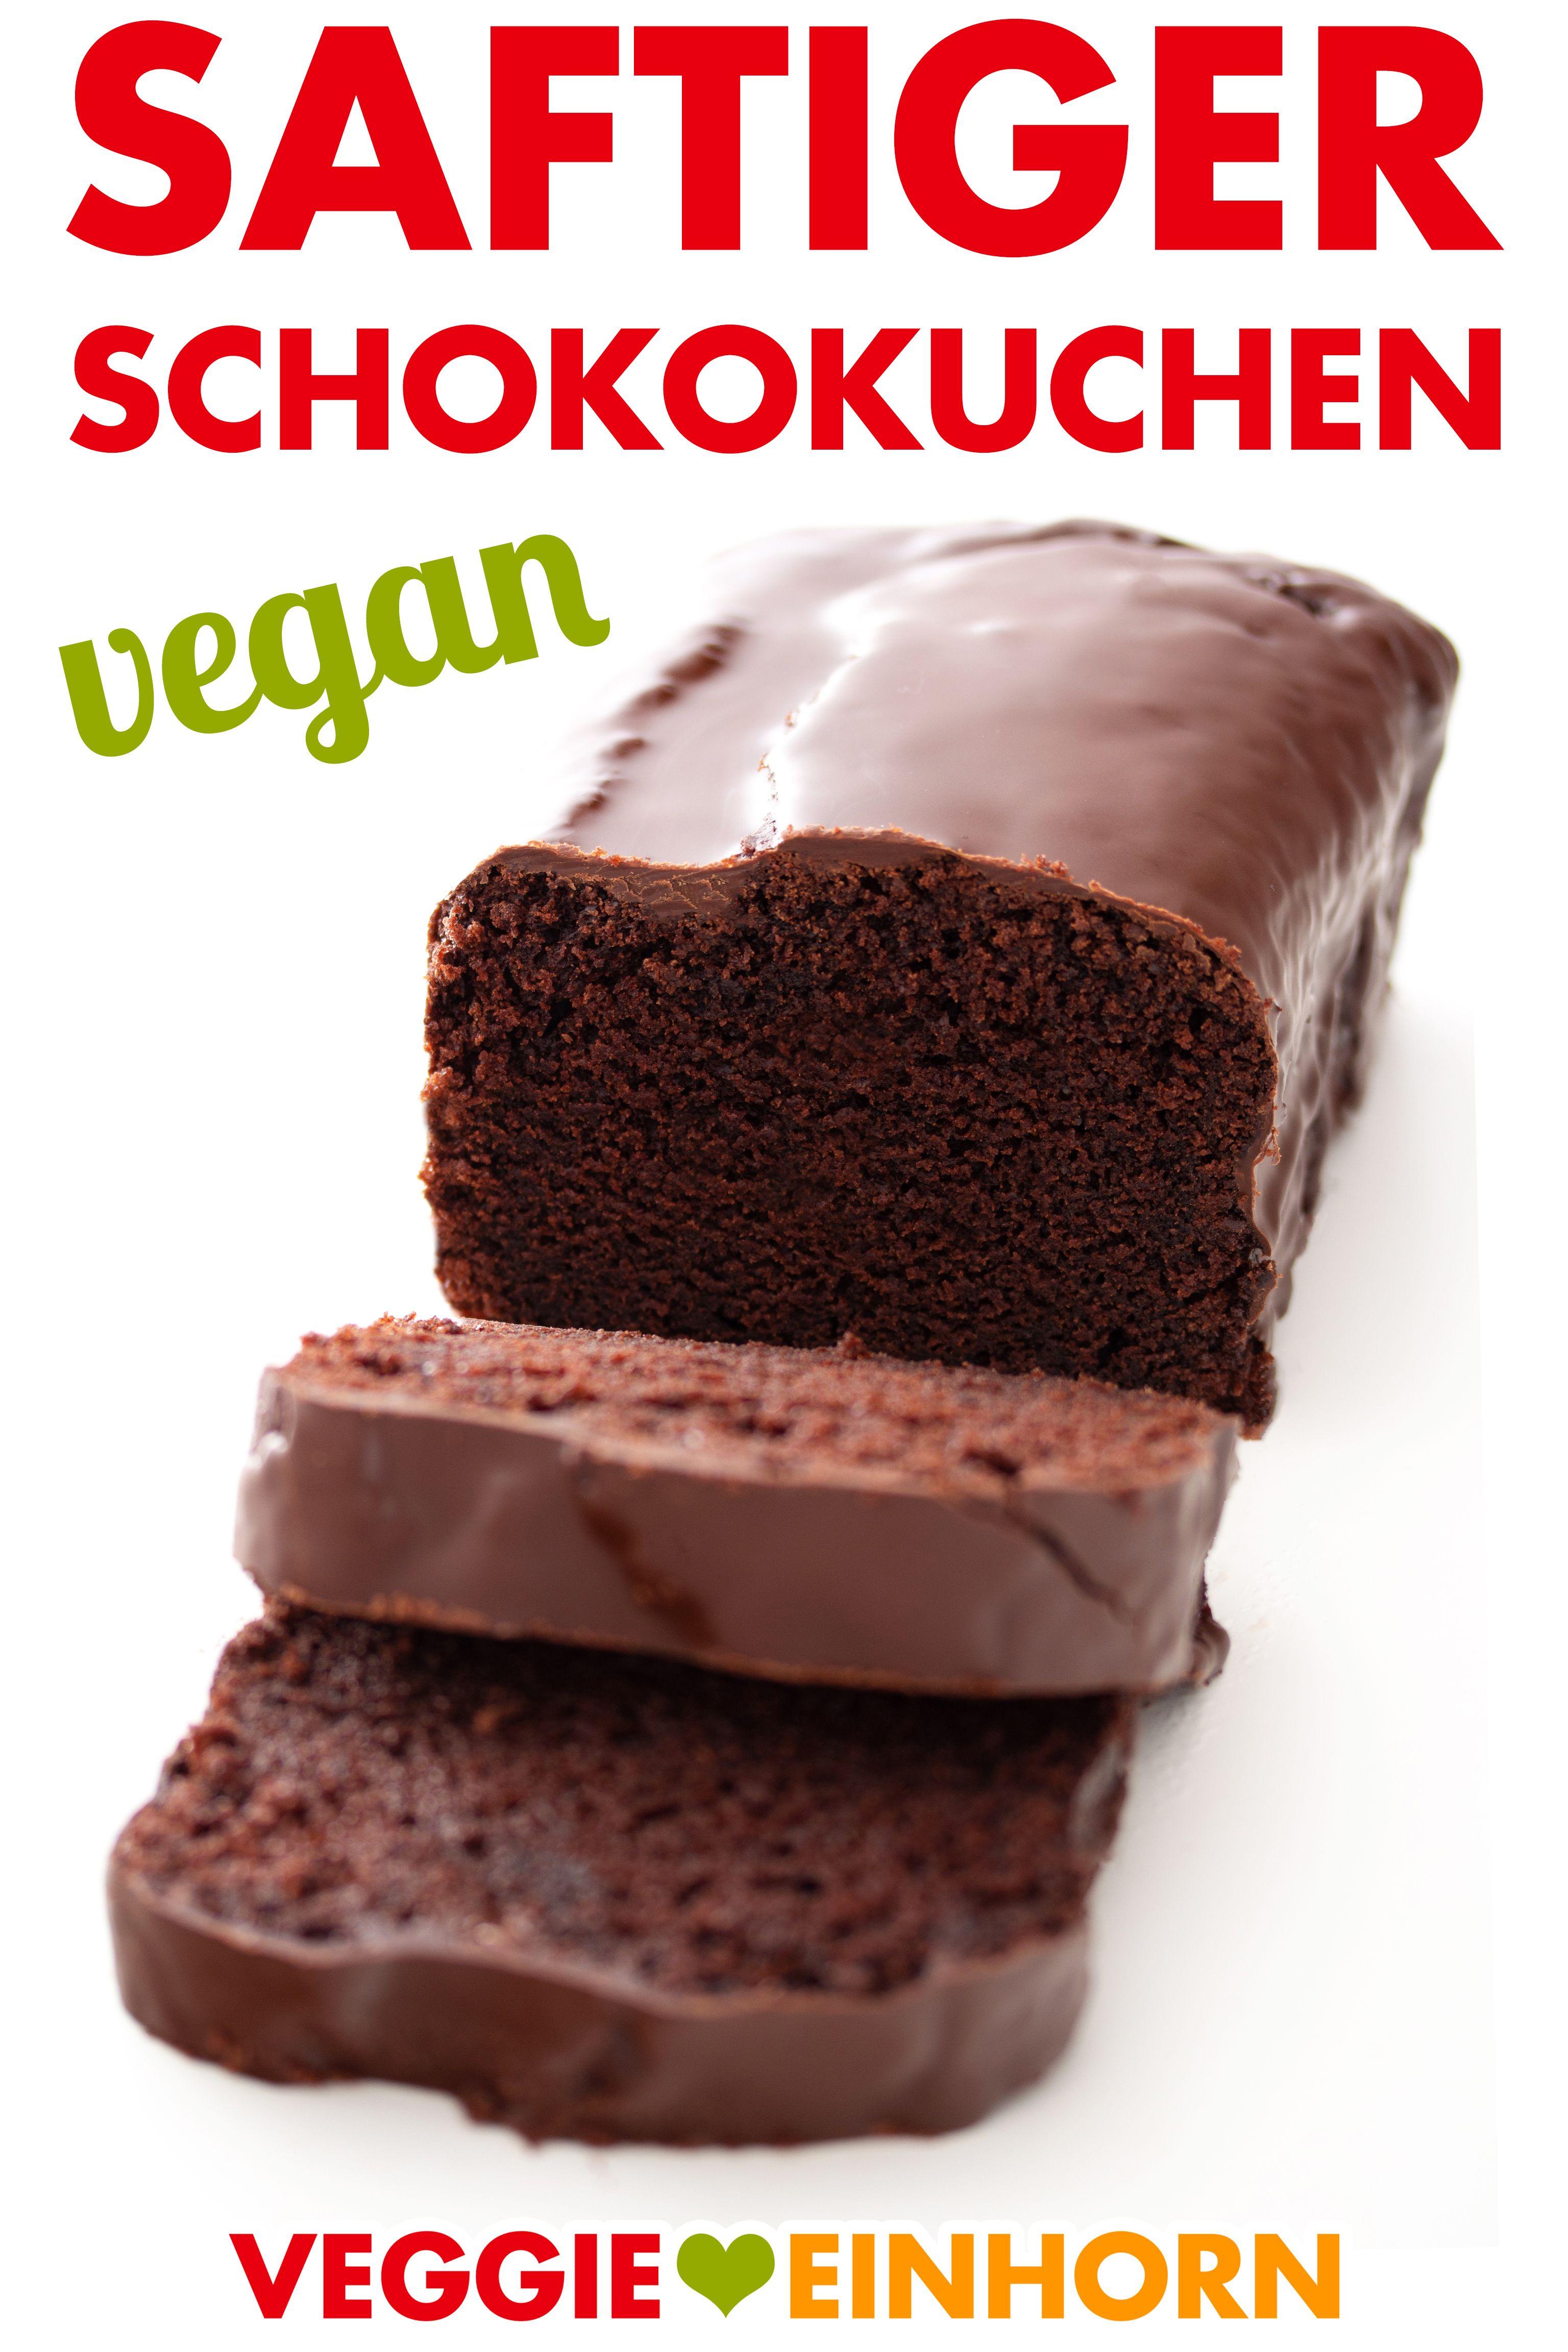 Saftiger veganer Schokokuchen ▶ Einfacher veganer Kuchen